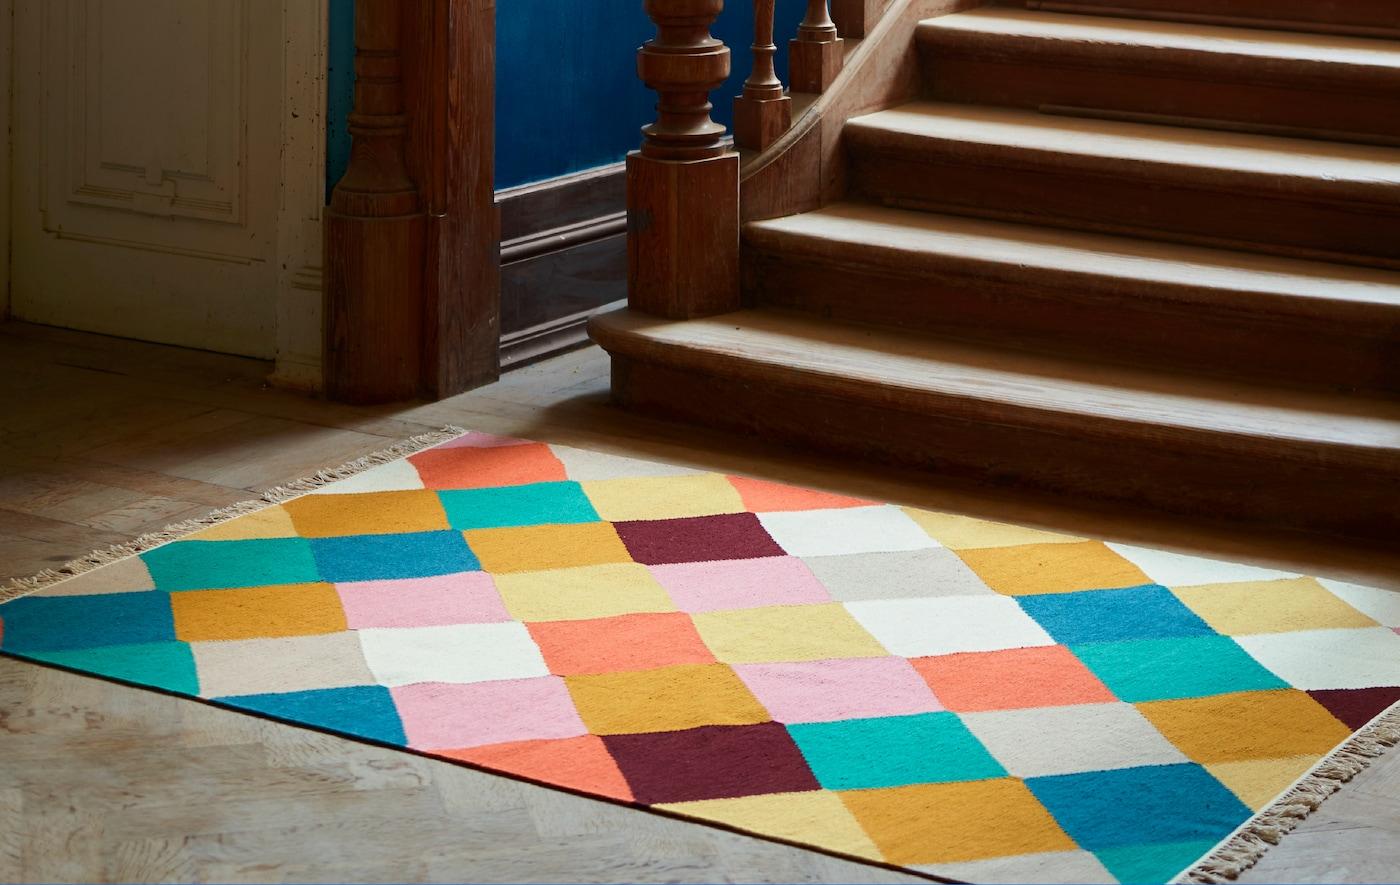 Ein flach gewebter VINDERÖD Teppich mit buntem Karomuster-Design liegt am Fuß einer Holztreppe.